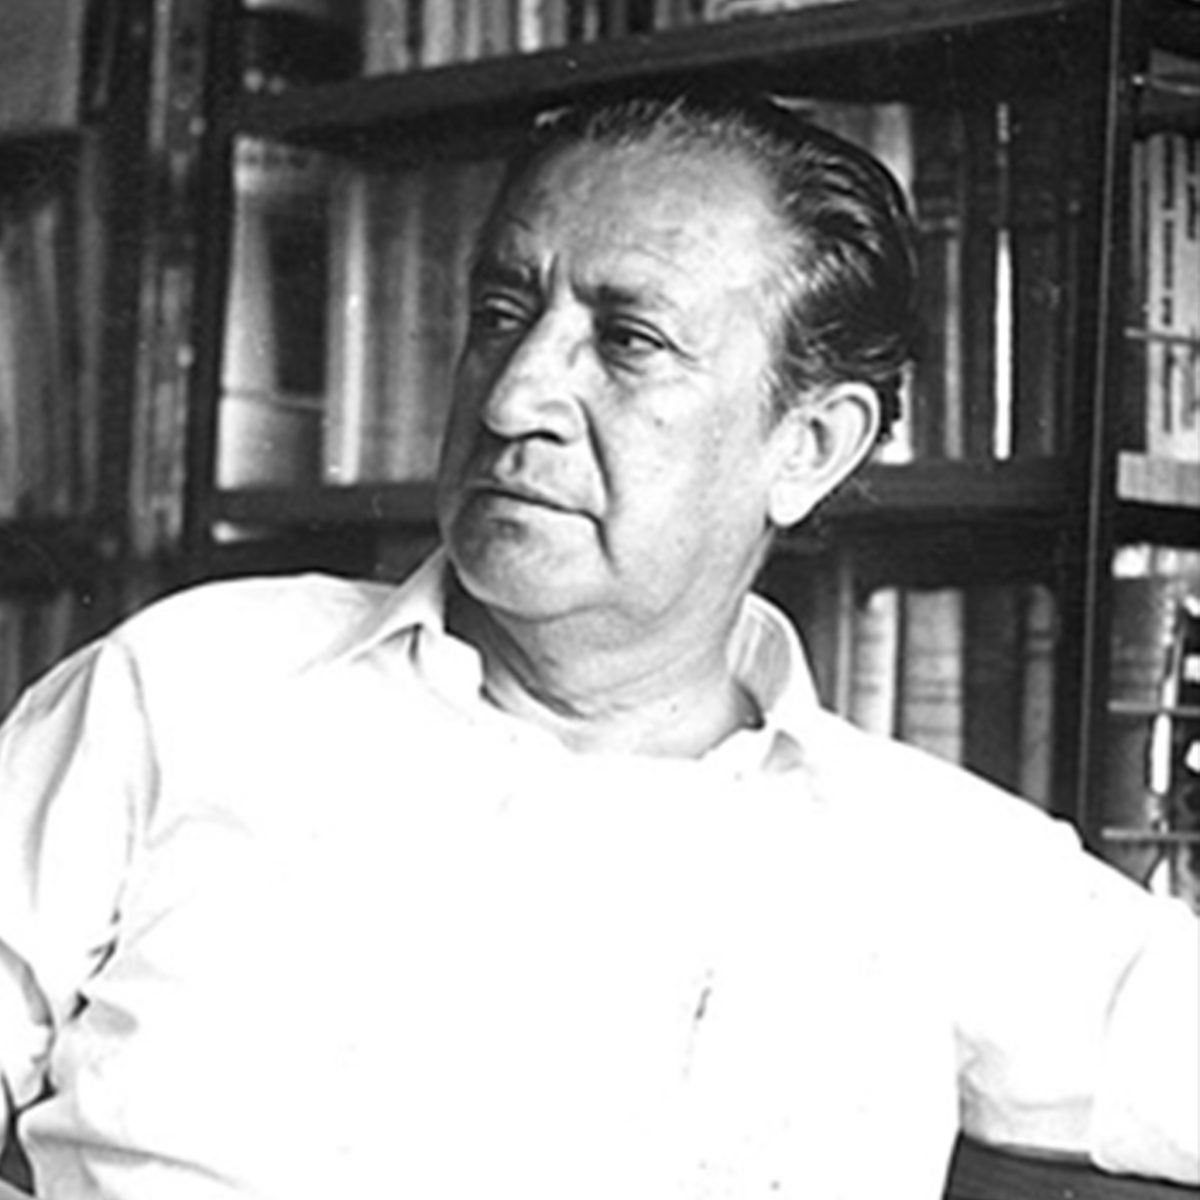 Marco Antonio Corcuera